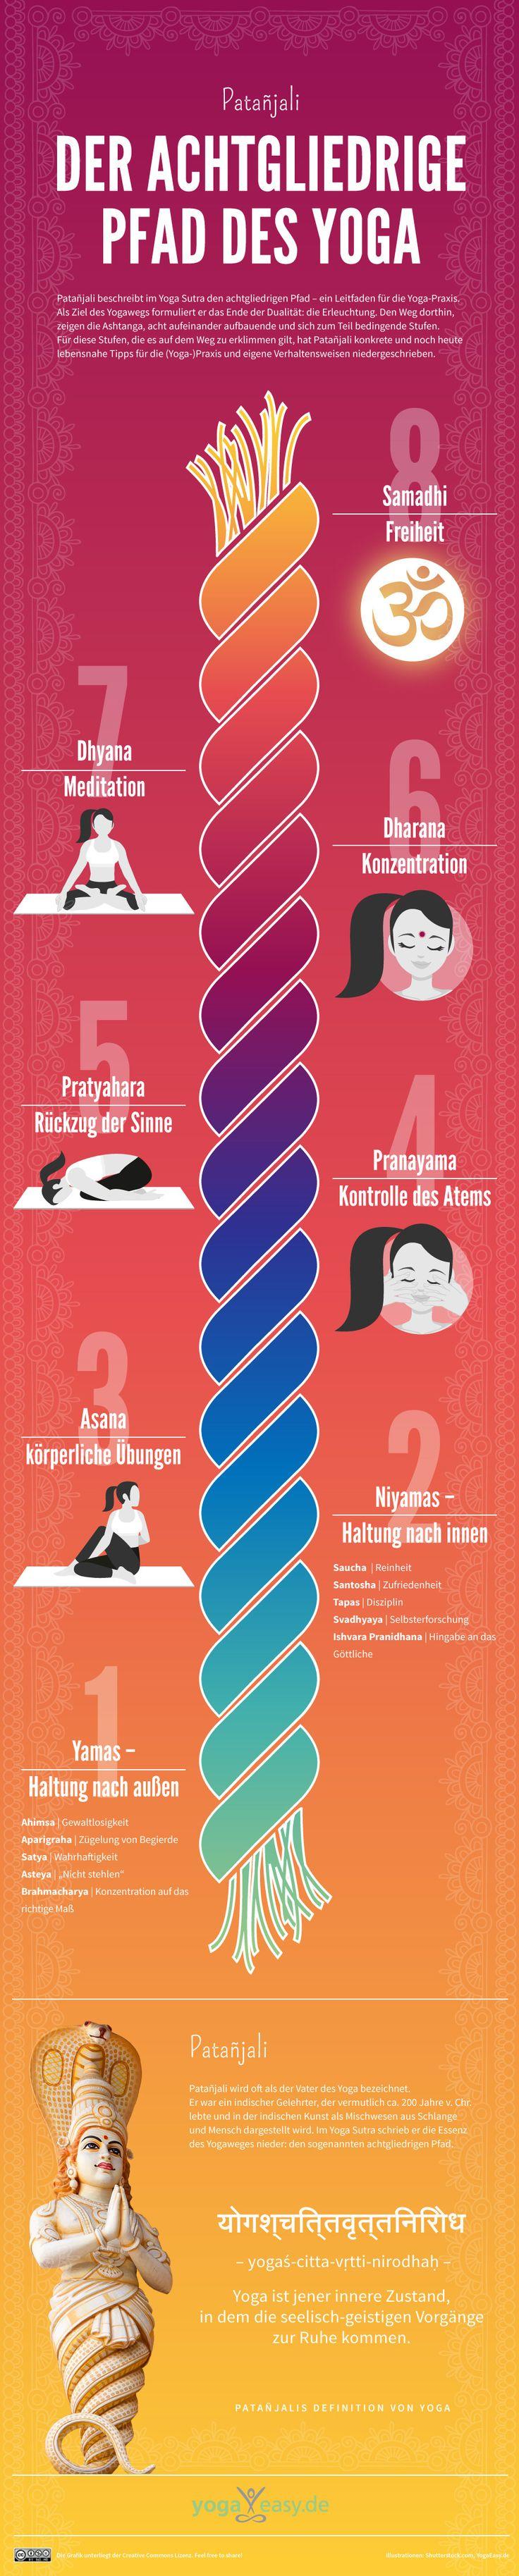 Infografik - die acht Stufen der Erleuchtung. Das Yoga Sutra ist eines der wichtigsten Standard-Werke aus der Yoga Philosophie. In vier Kapiteln beschreibt Patanjali einen Leitfaden für den Yogaweg. Hier findest du die acht Stufen bis zur Erleuchtung auf einen Blick.